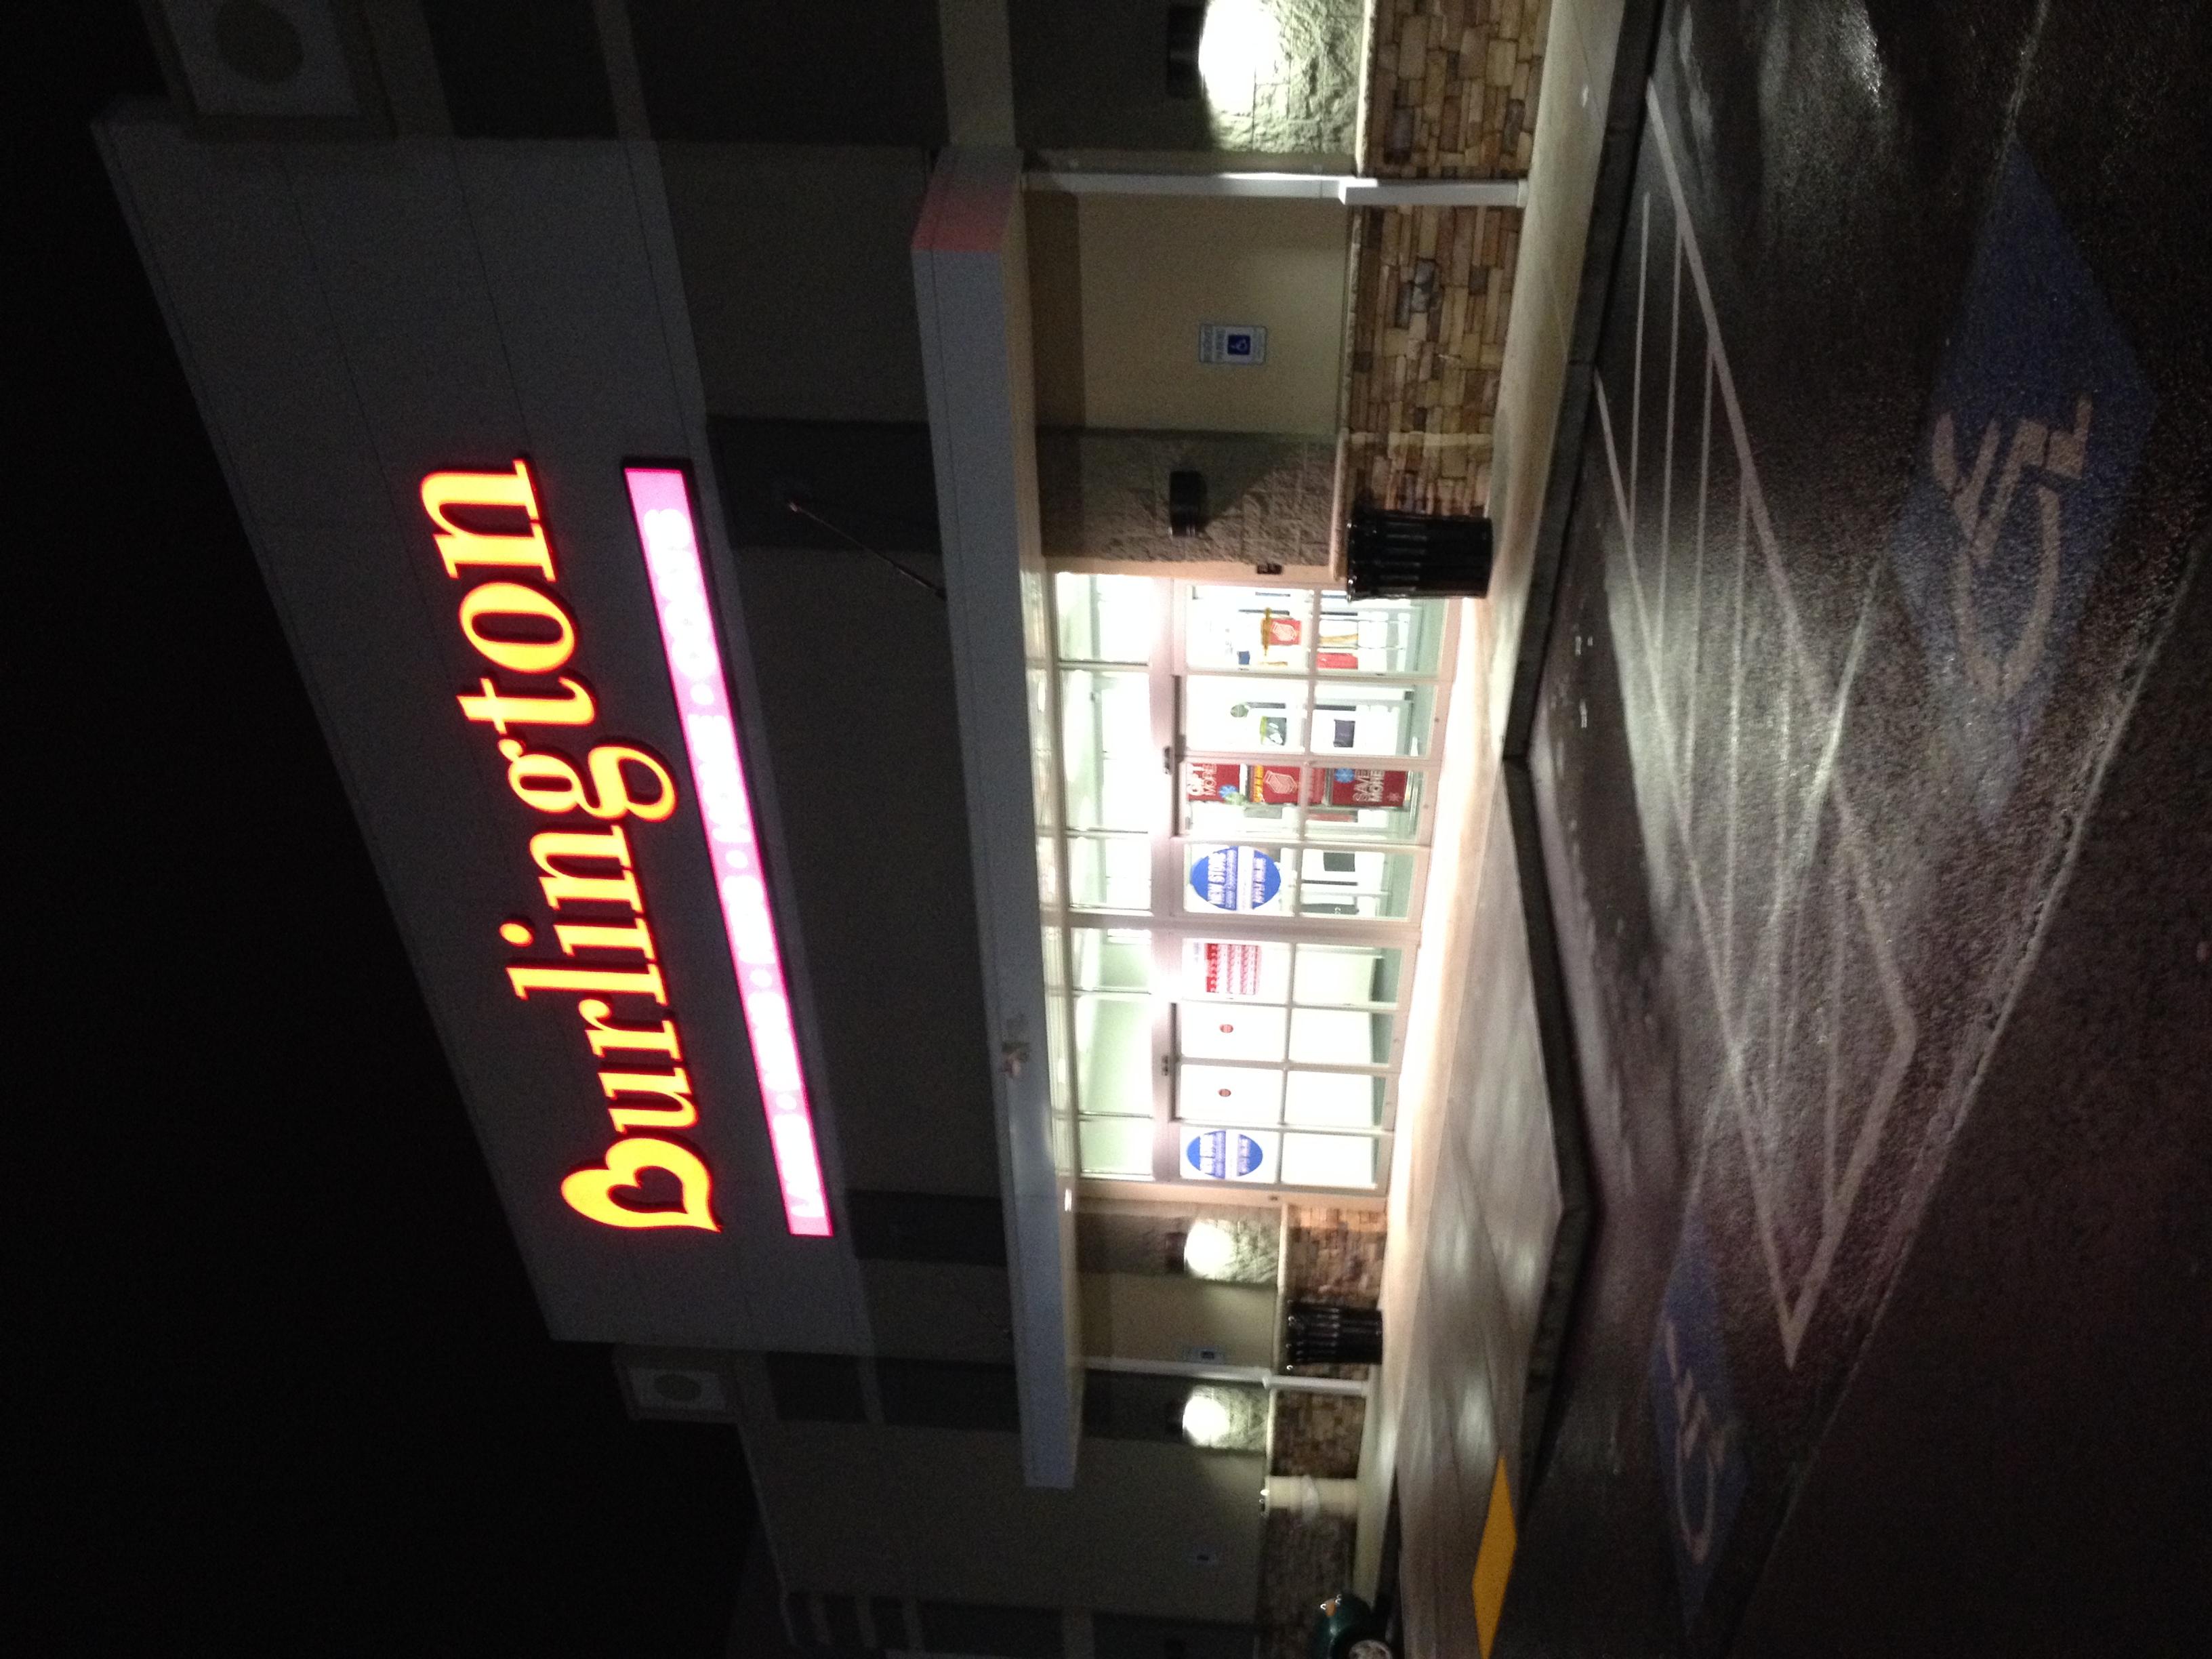 holidayfashion burlington coat factory burlingtonstyle photo dec 15 7 15 55 pm